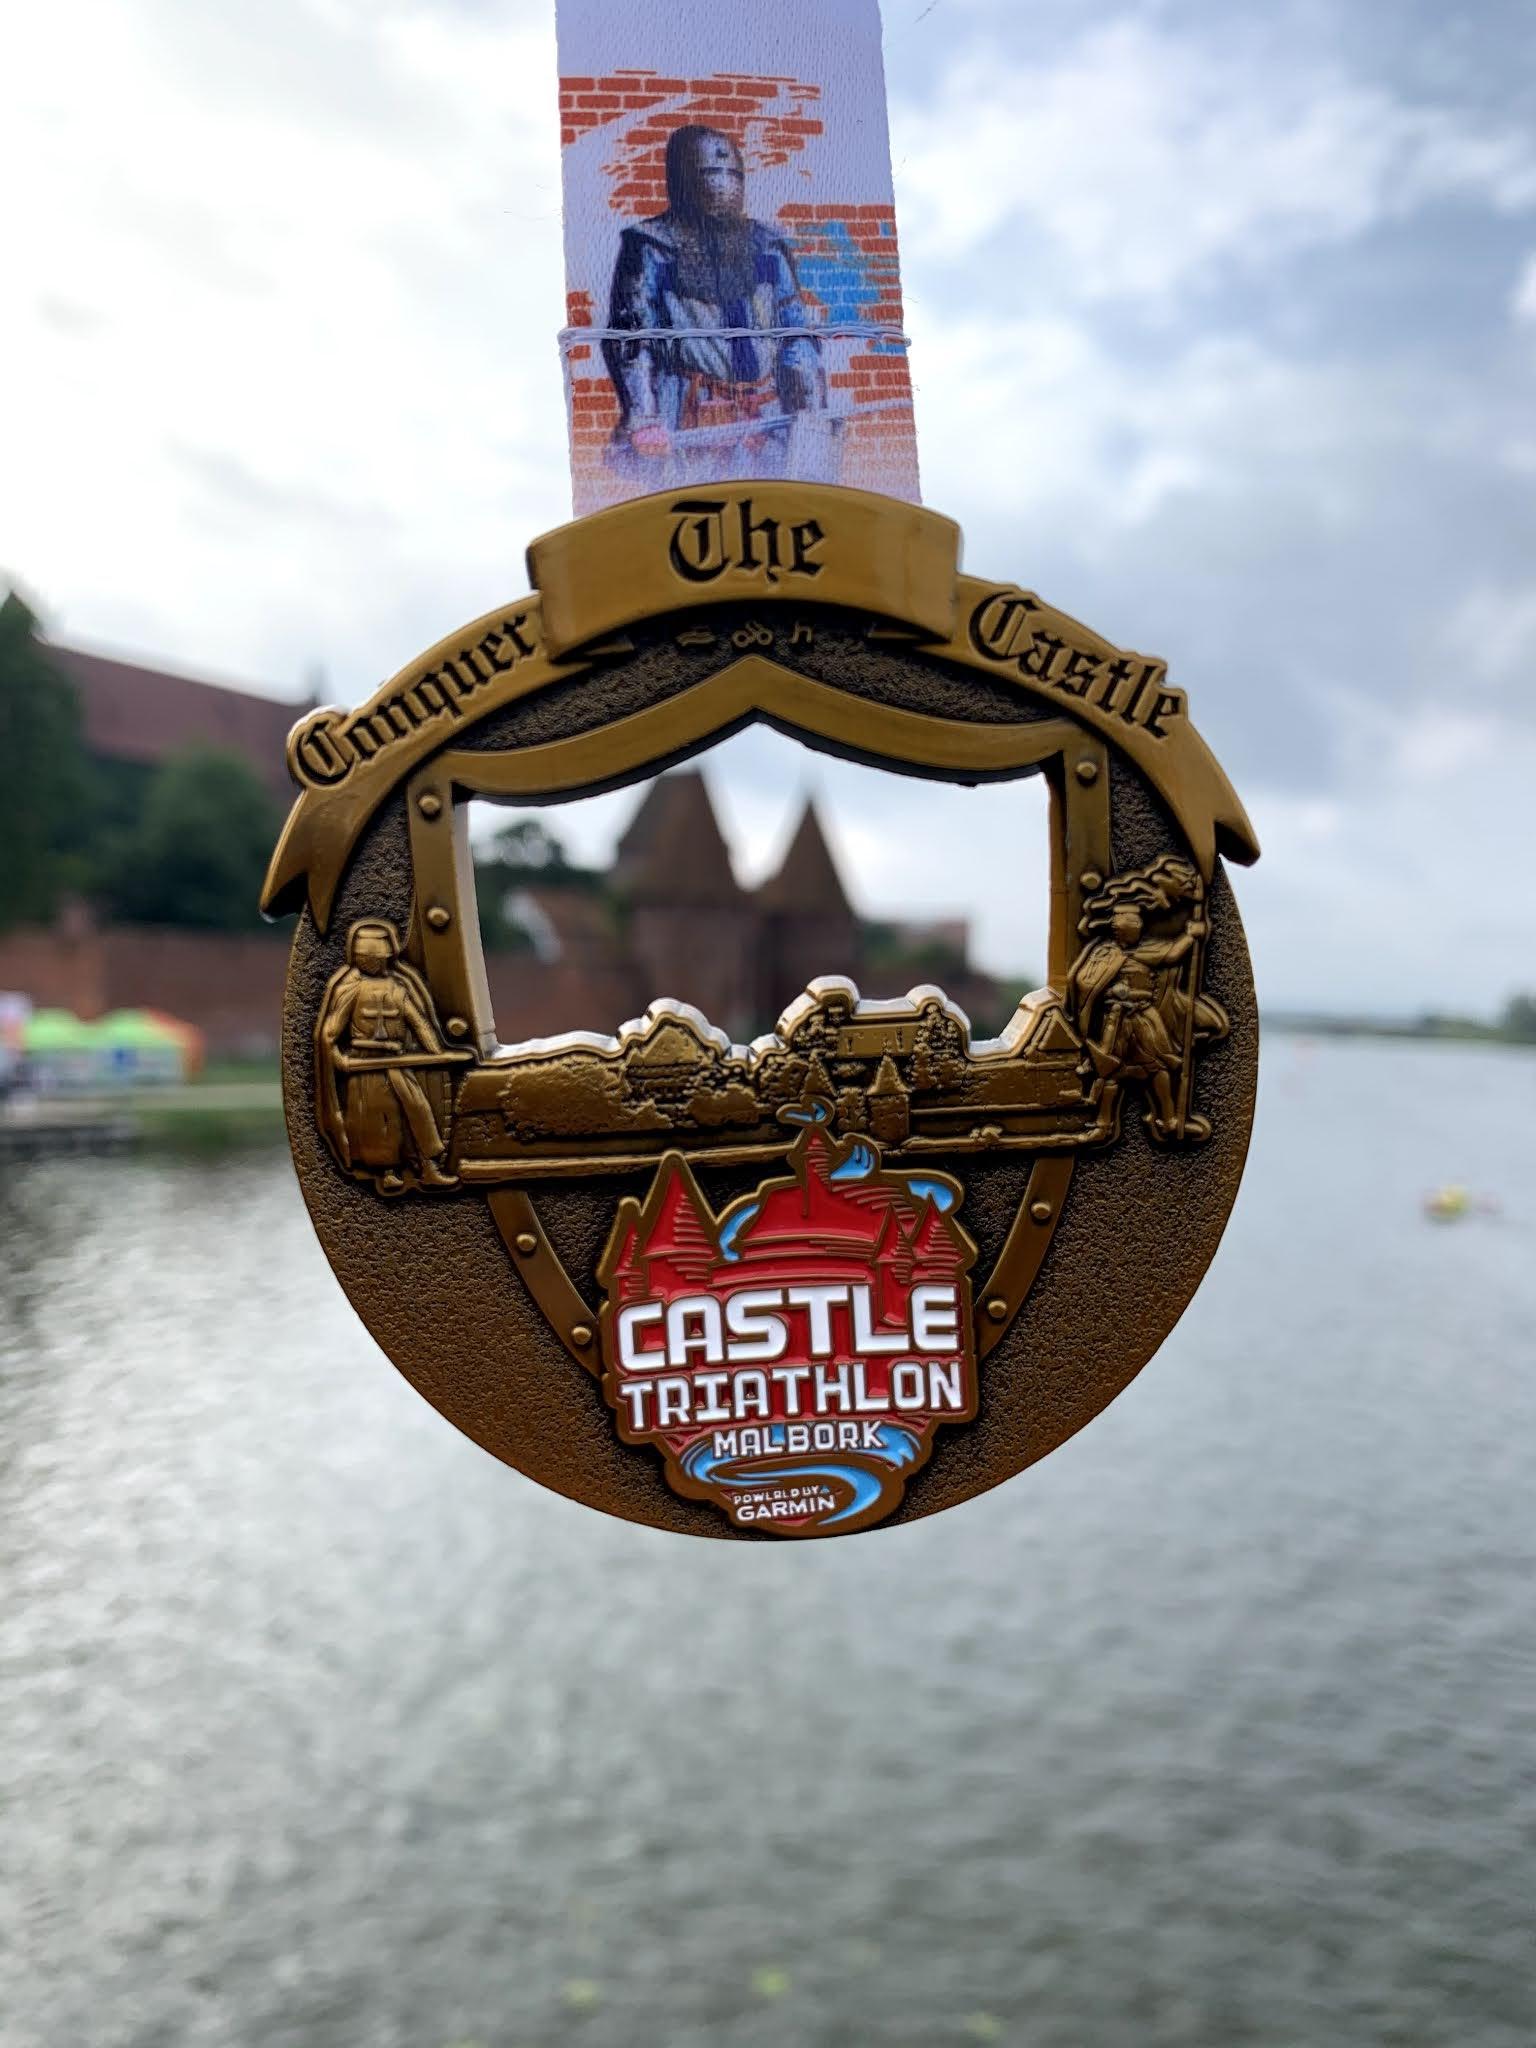 Castle Malbork Triathlon 2020 – relacja z pandemicznego triathlonowania